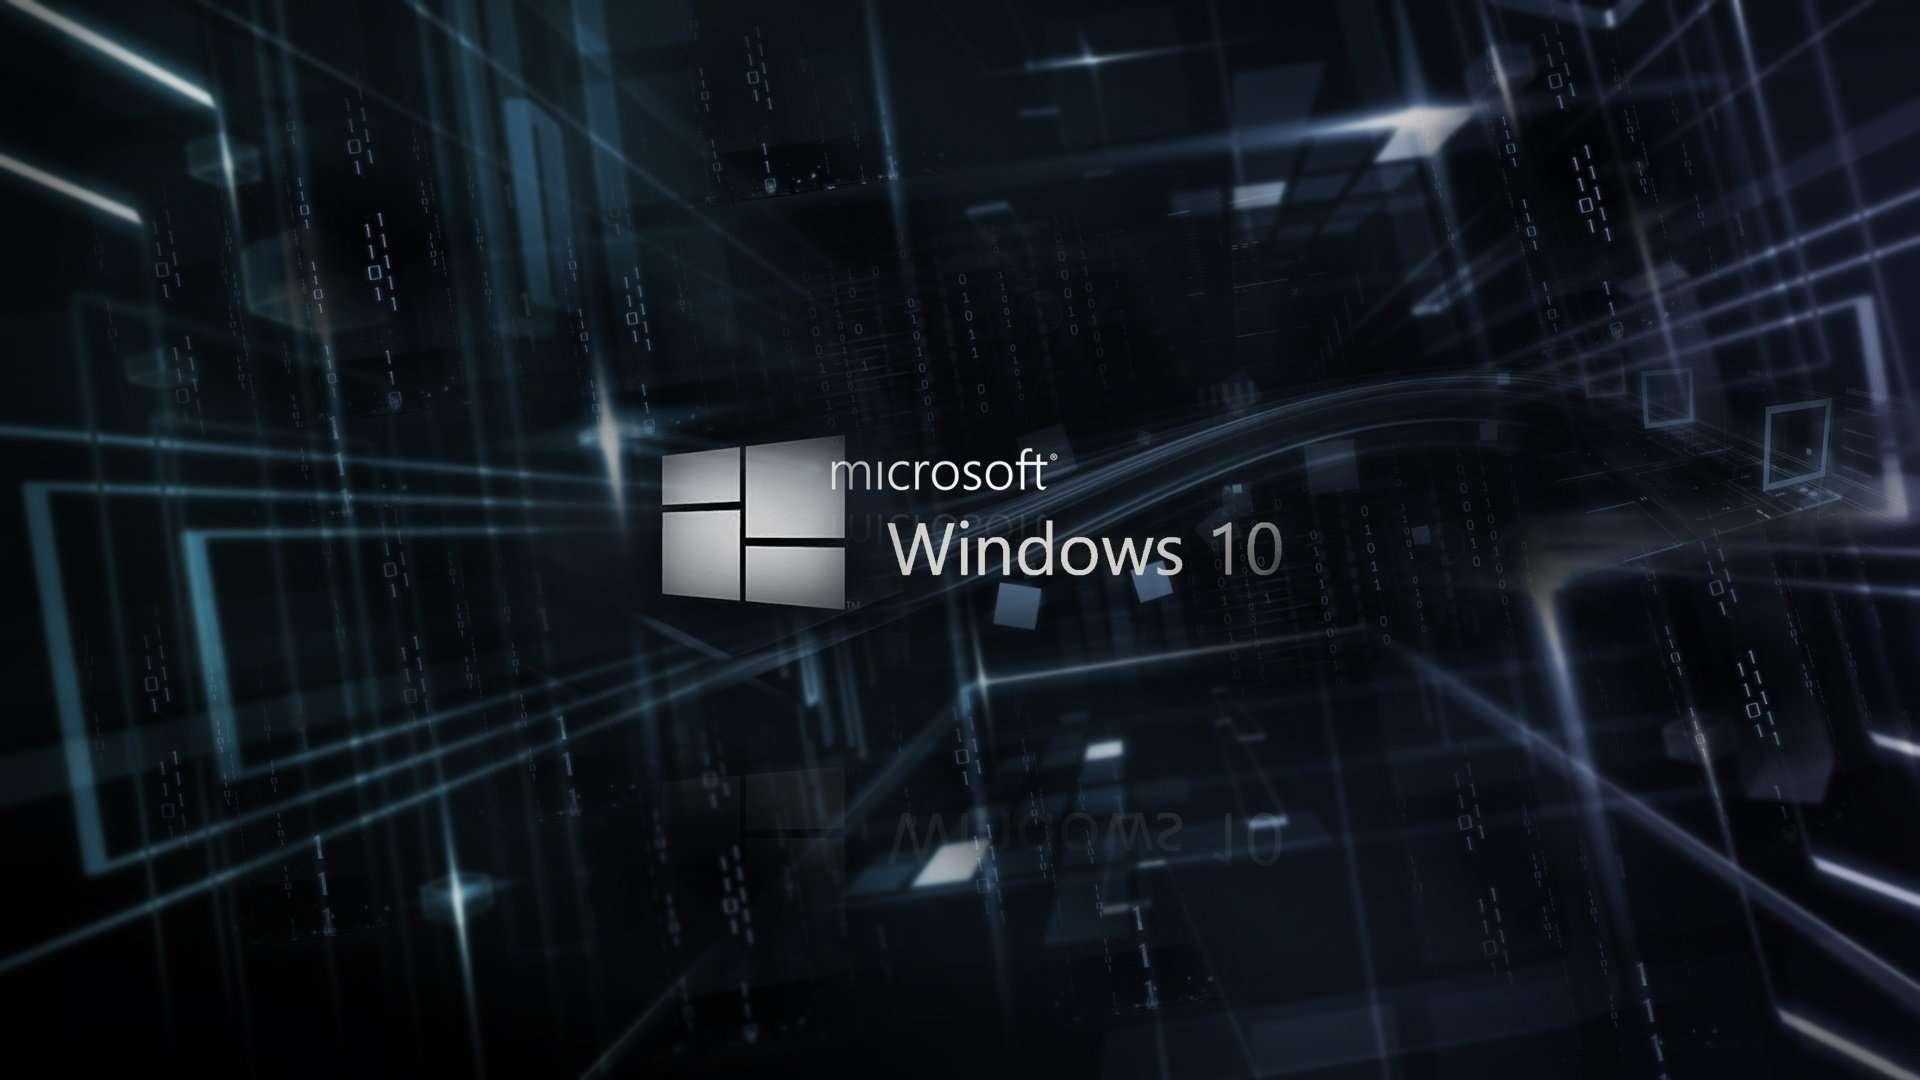 hd windows 10 wallpaper windows 10 logo hd 1920x1080 On window 10 wallpaper